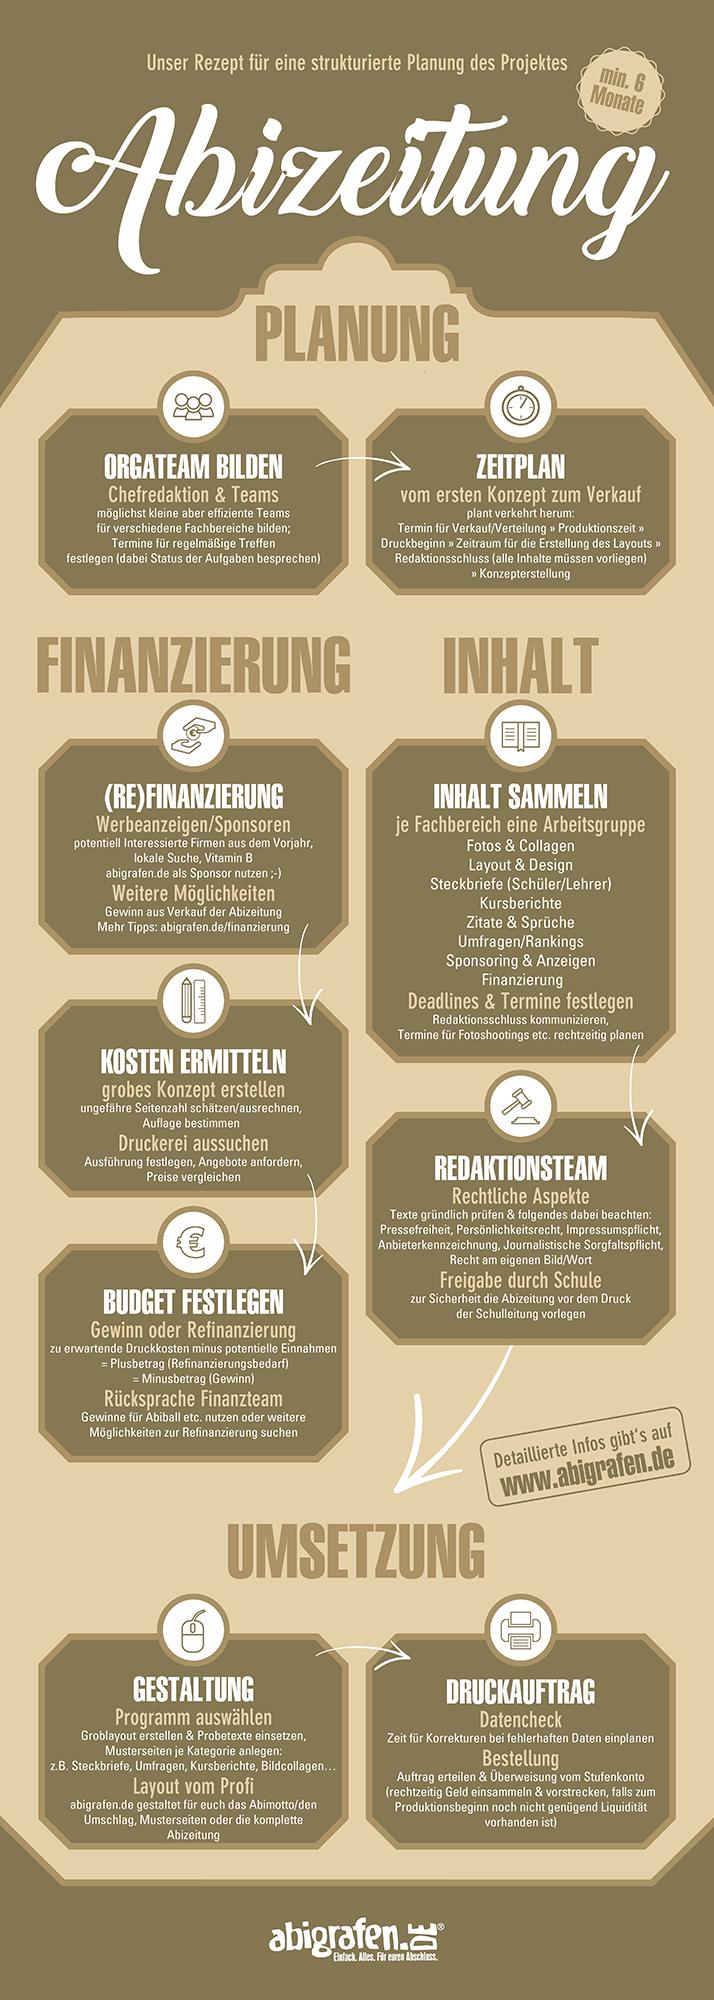 infografikablaufplan-abizeitung-drucken-tipps-und-checkliste-abizeitungskomitee